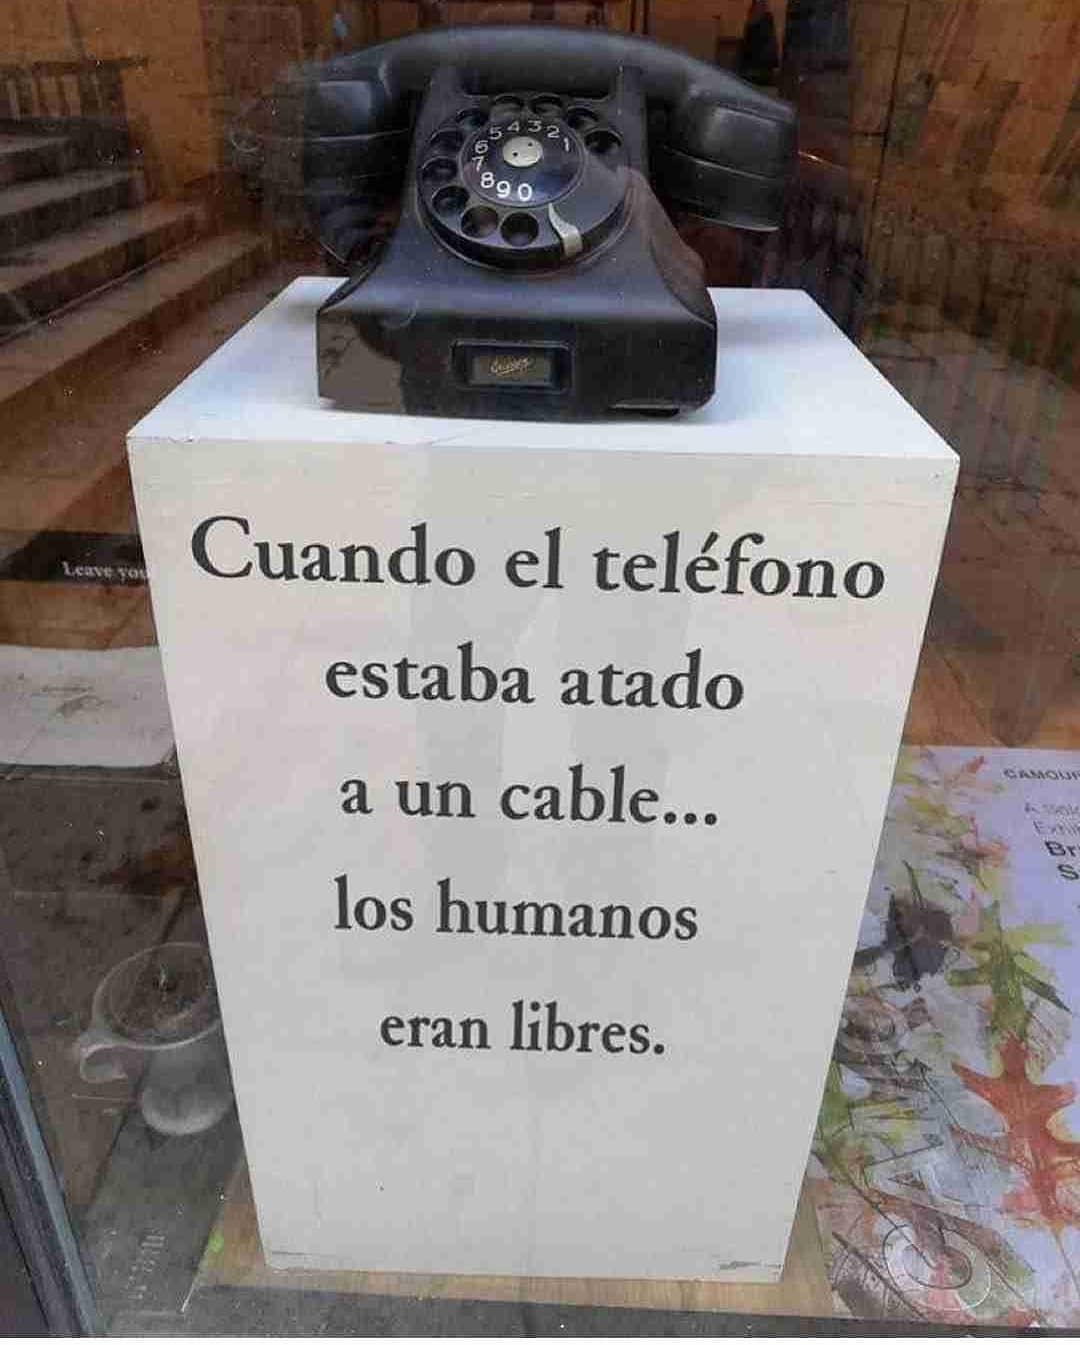 Cuando el teléfono estaba atado a un cable... los humanos eran libres.